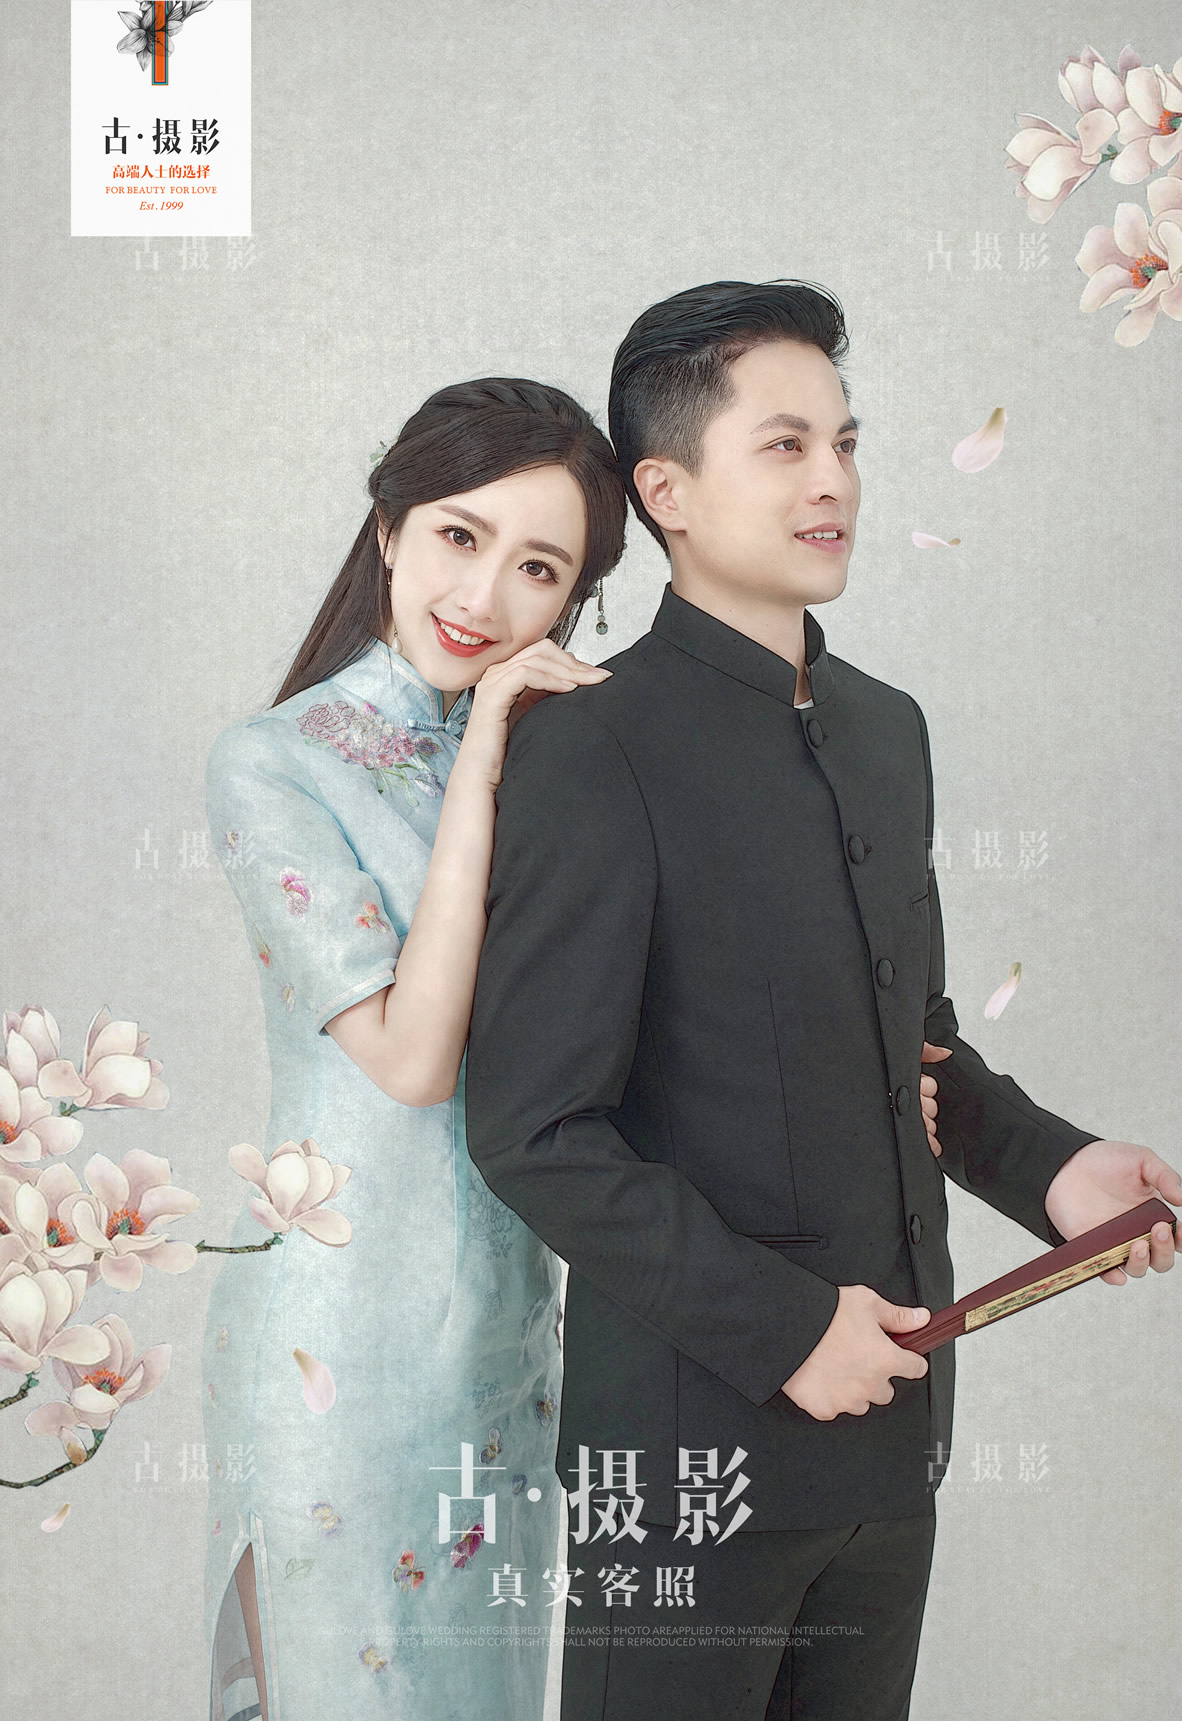 8月11日客片卢先生 曹小姐 - 每日客照 - love上海古摄影-上海婚纱摄影网